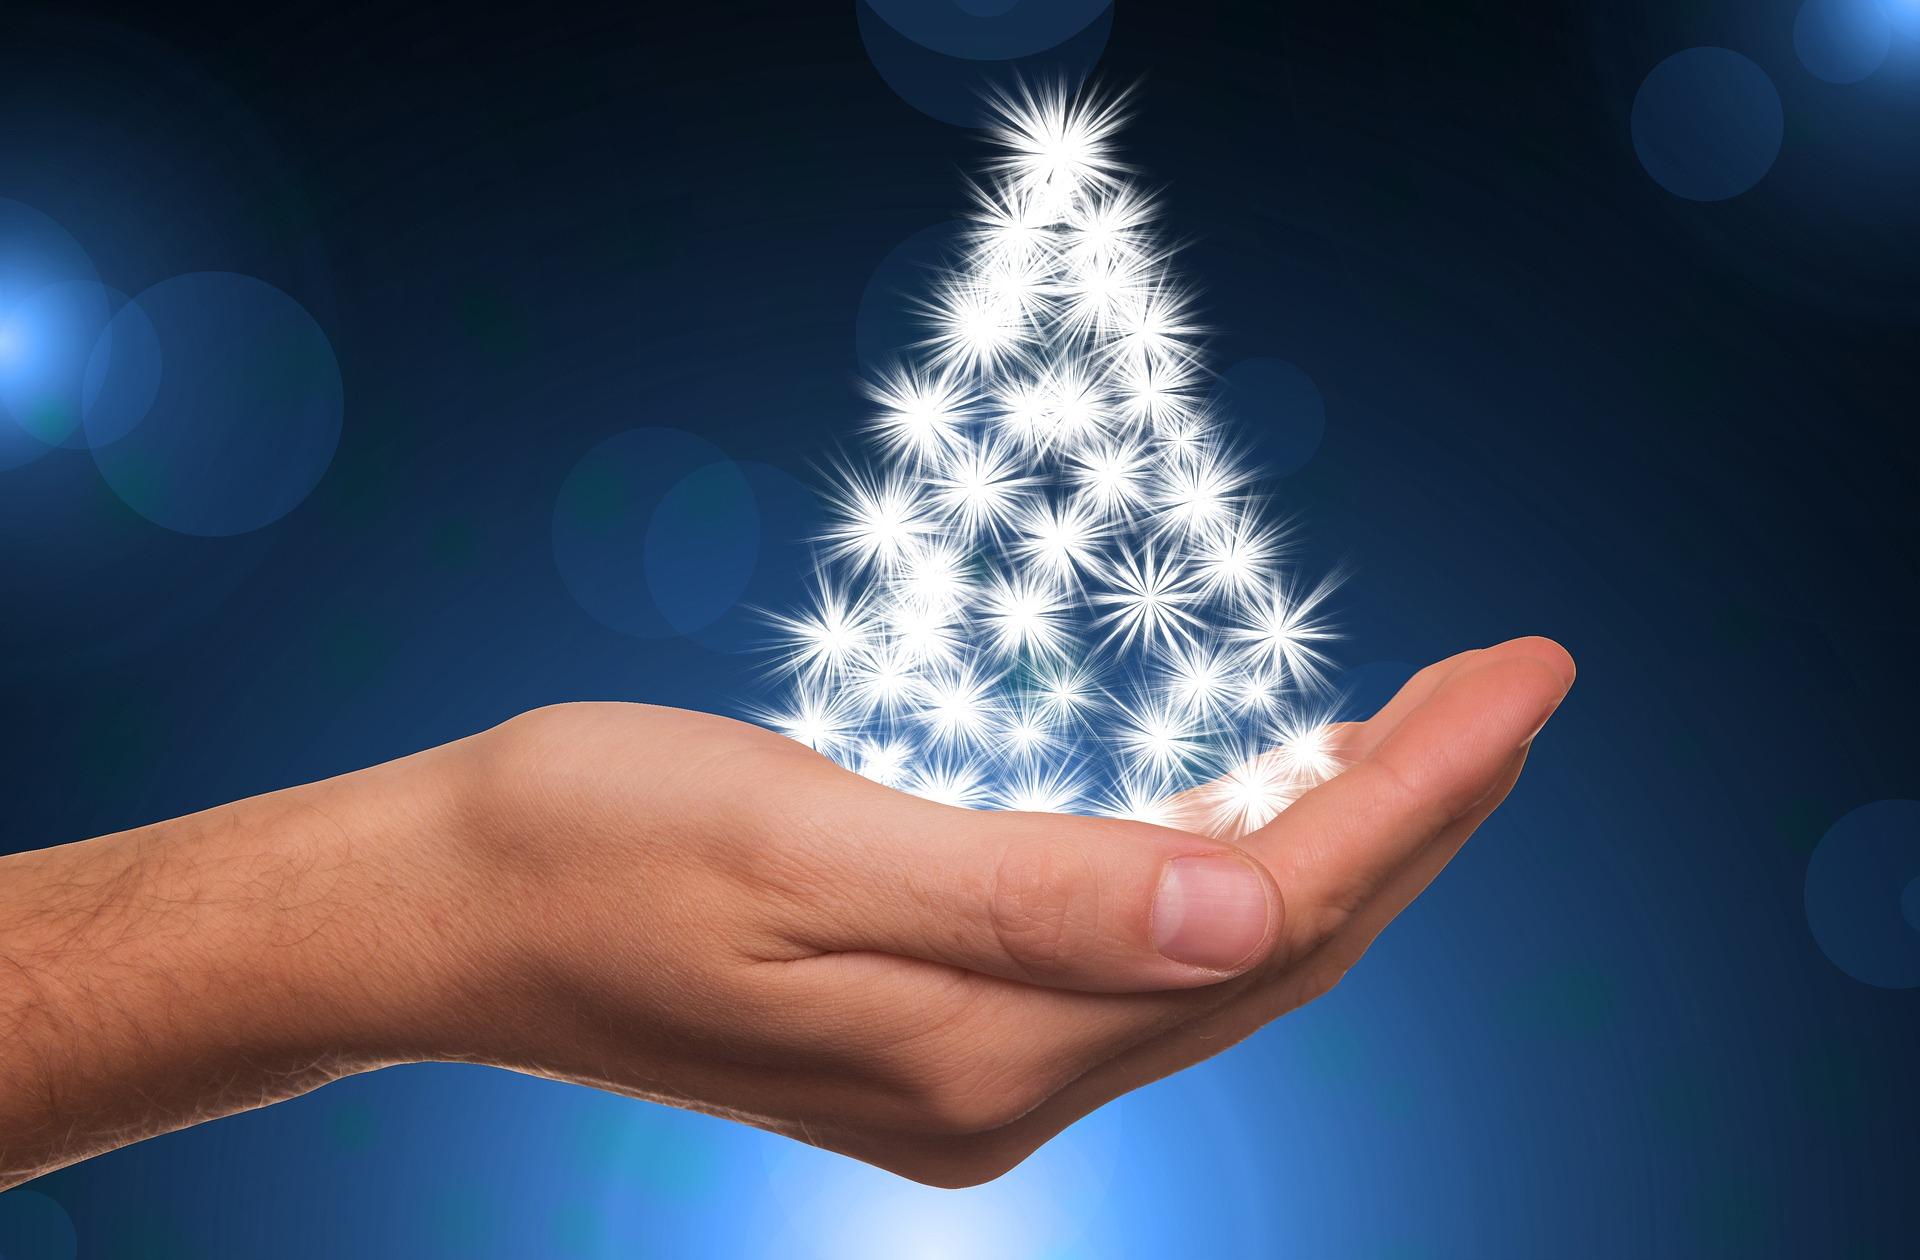 10-weihnachtsgeschenke-fuer-musiker-und-musikfans-unter-100-euro